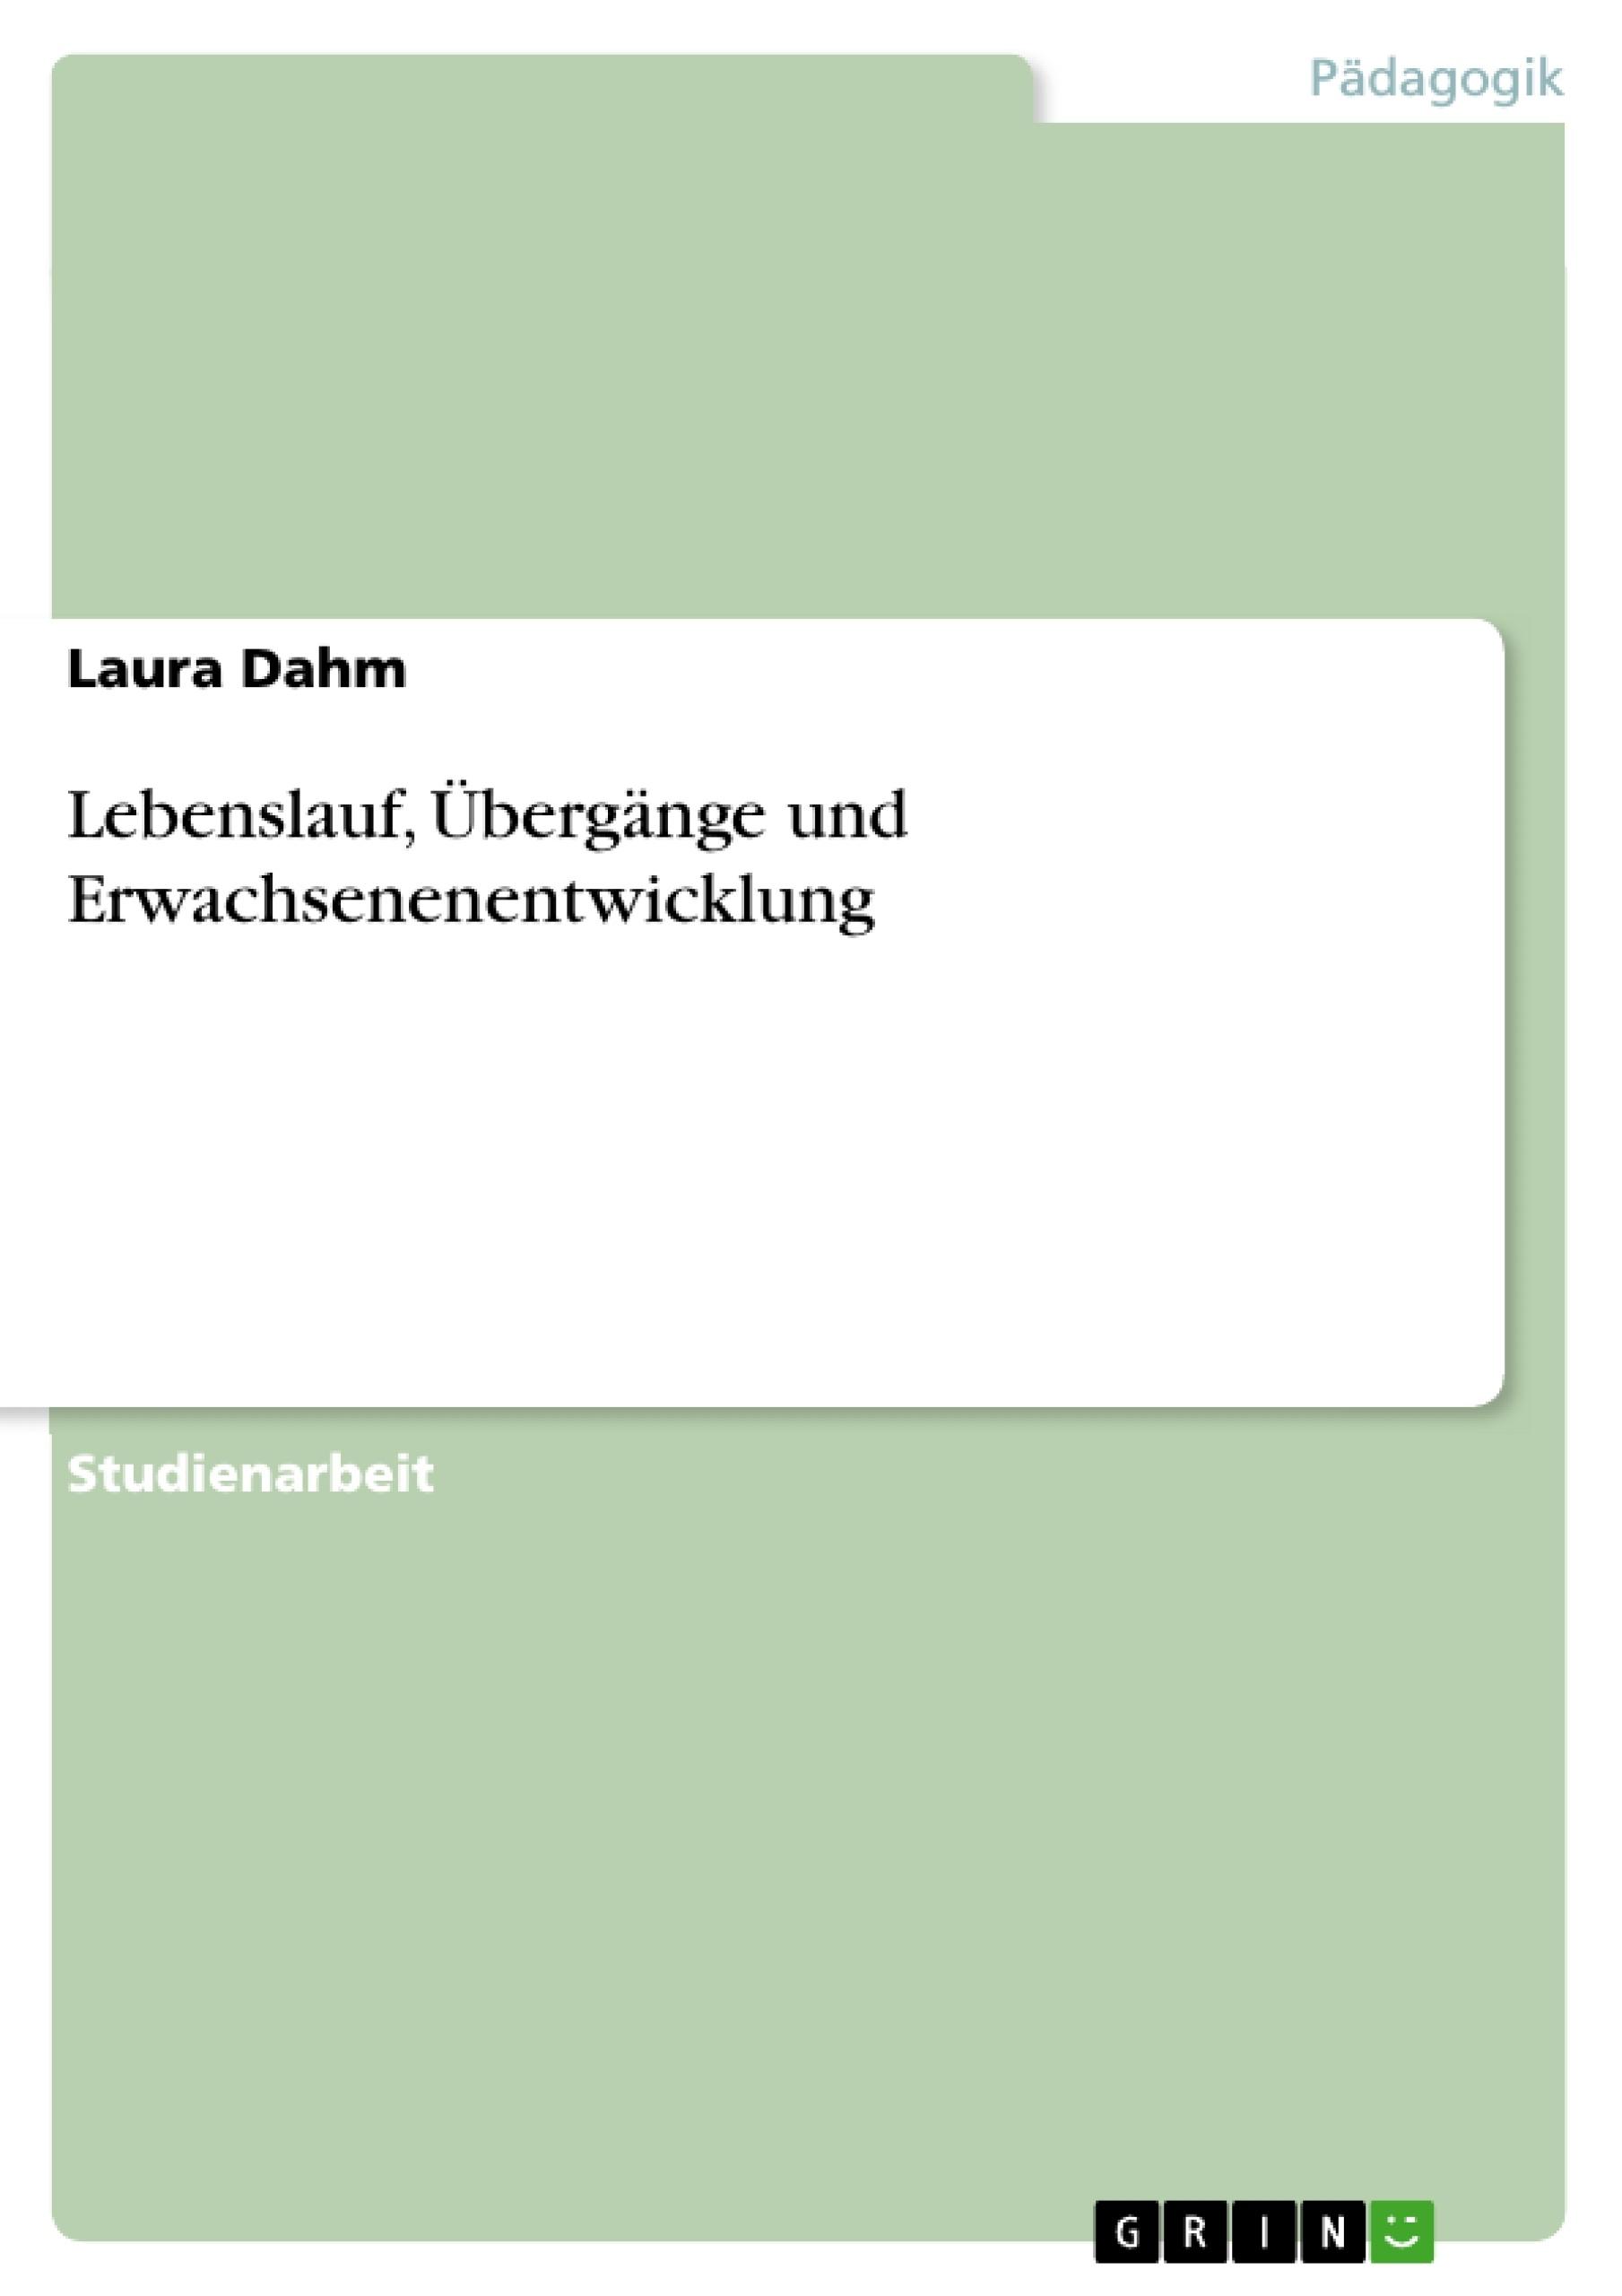 Titel: Lebenslauf, Übergänge und Erwachsenenentwicklung